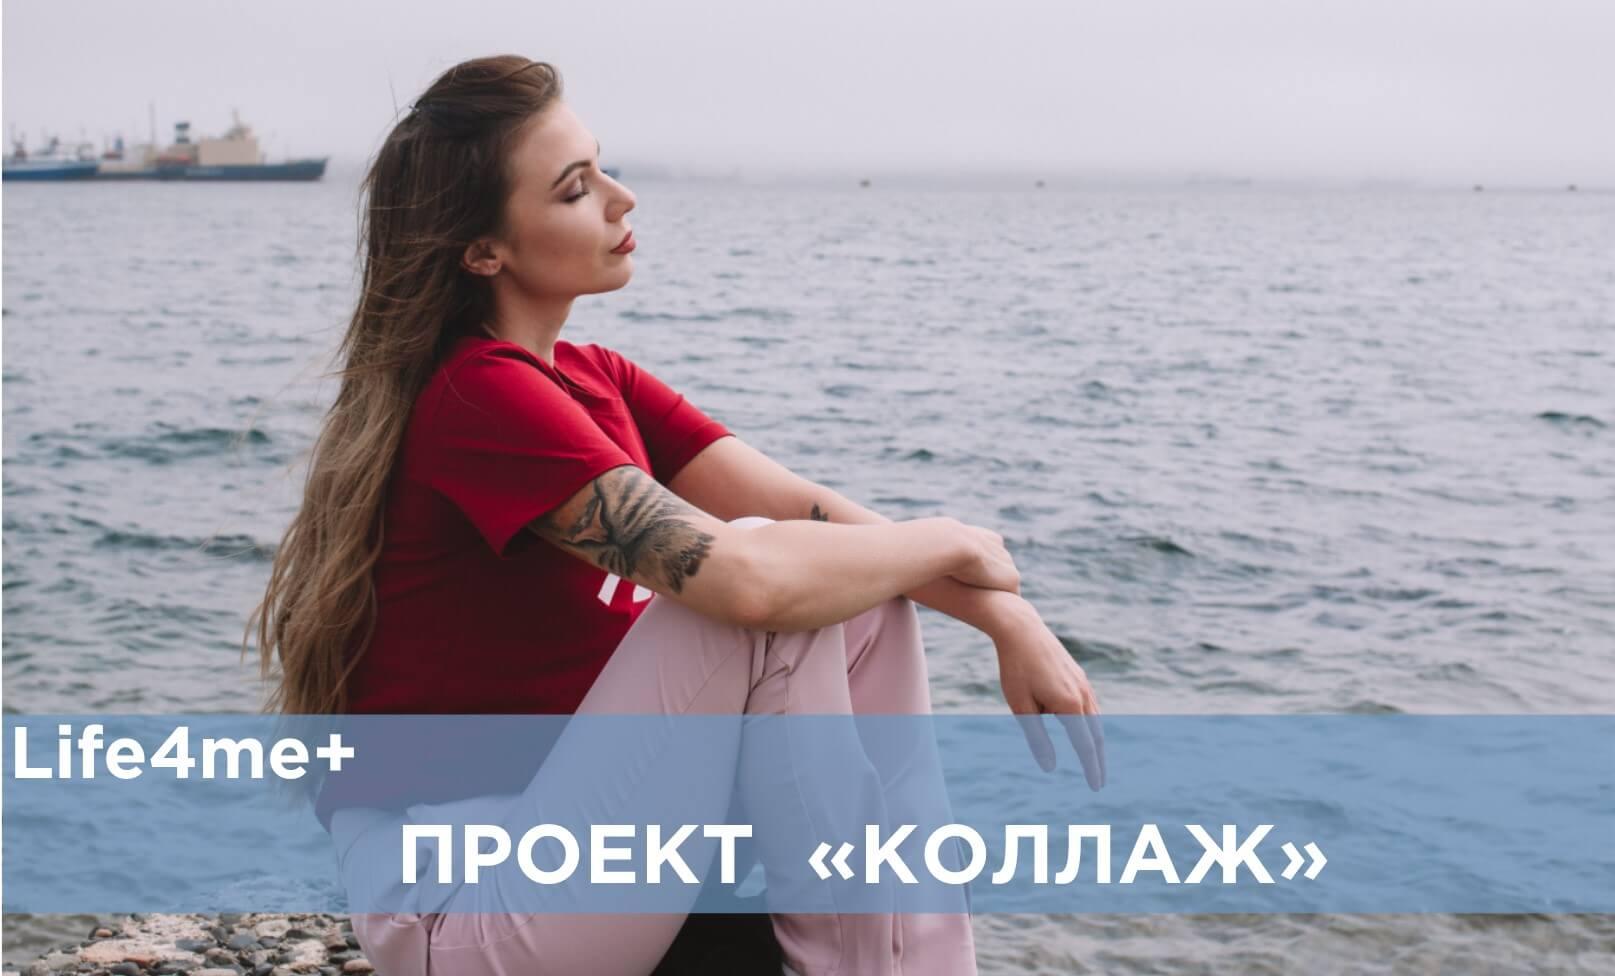 """Коллаж: """"Нет менее опасных наркотиков"""", - Яна Колпакова"""